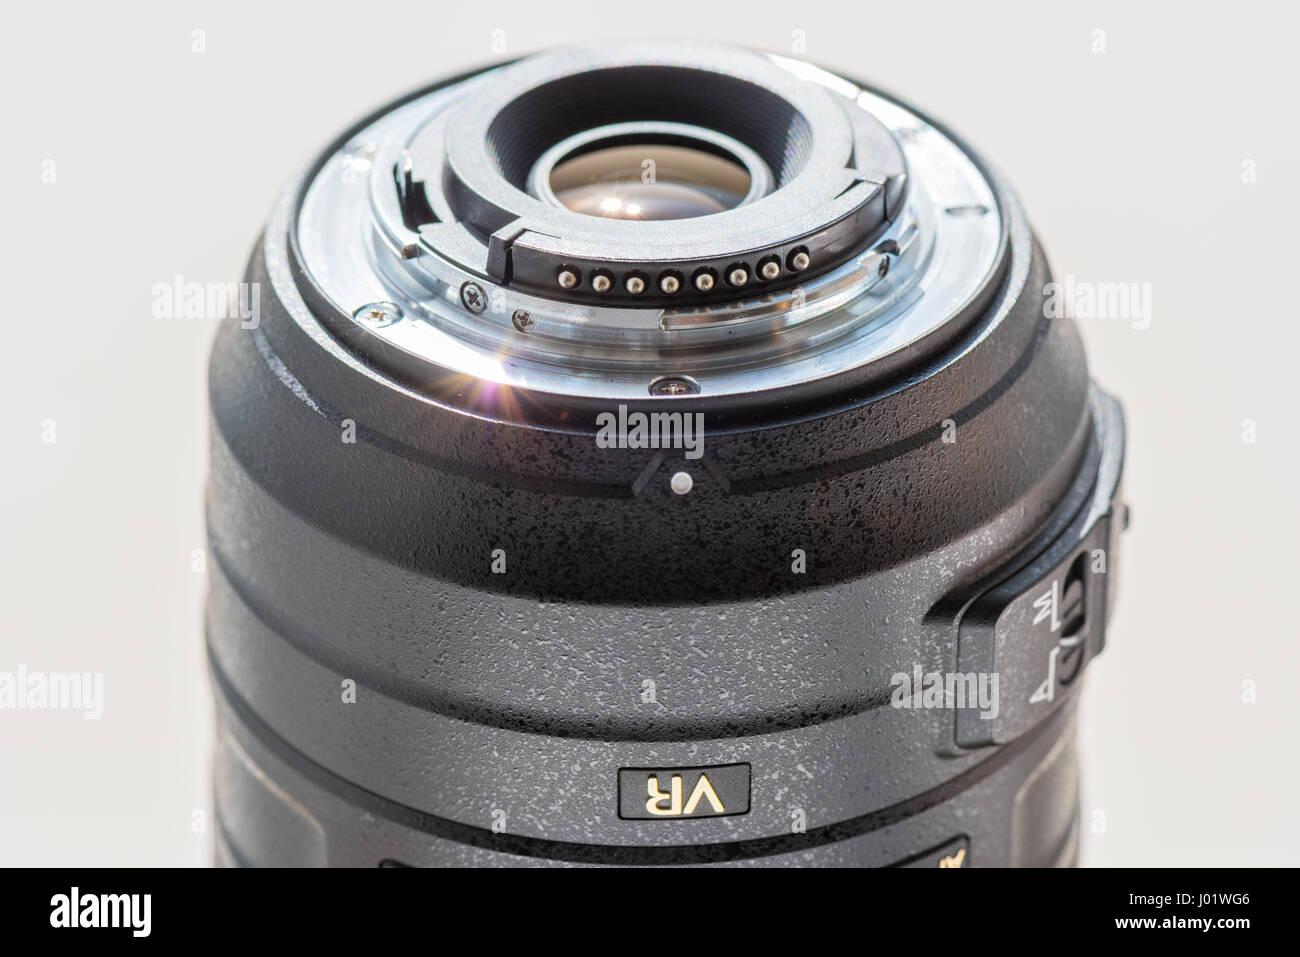 Nikon AF-S DX 55-300mm lens showing rear lens element & mount - Stock Image